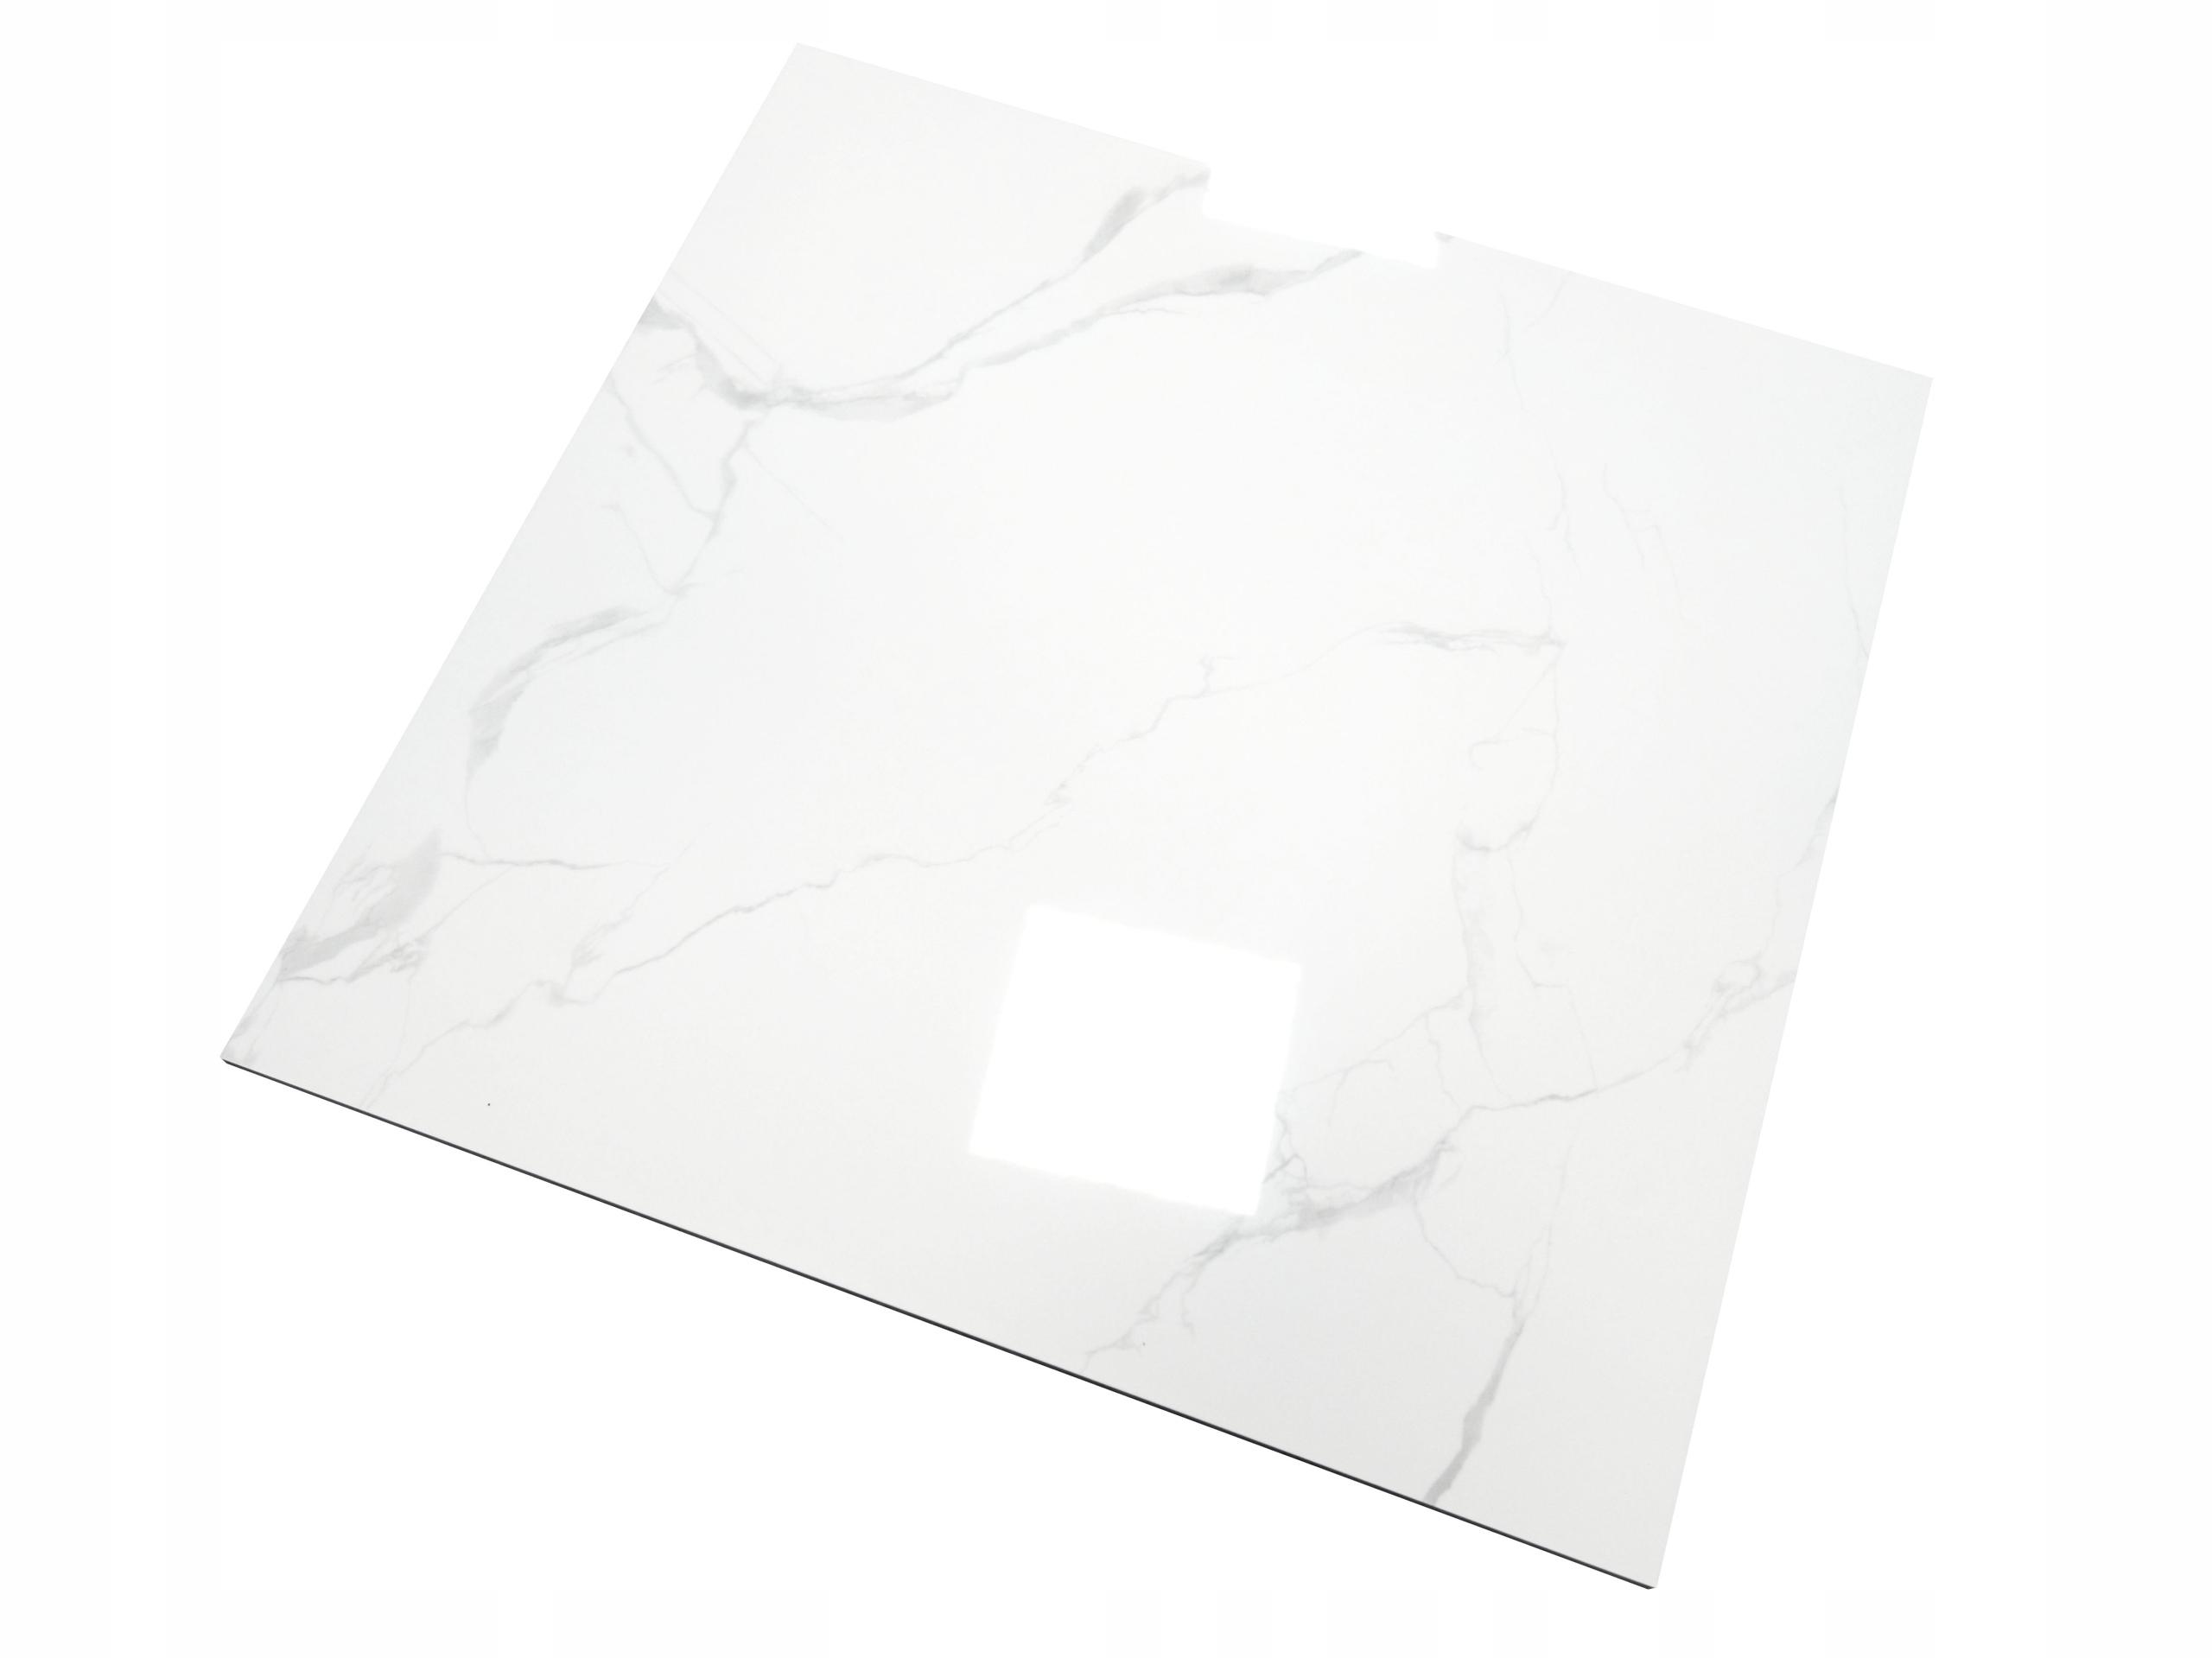 ГРЭС имитация белого полированного мрамора 60х60 ХИТ